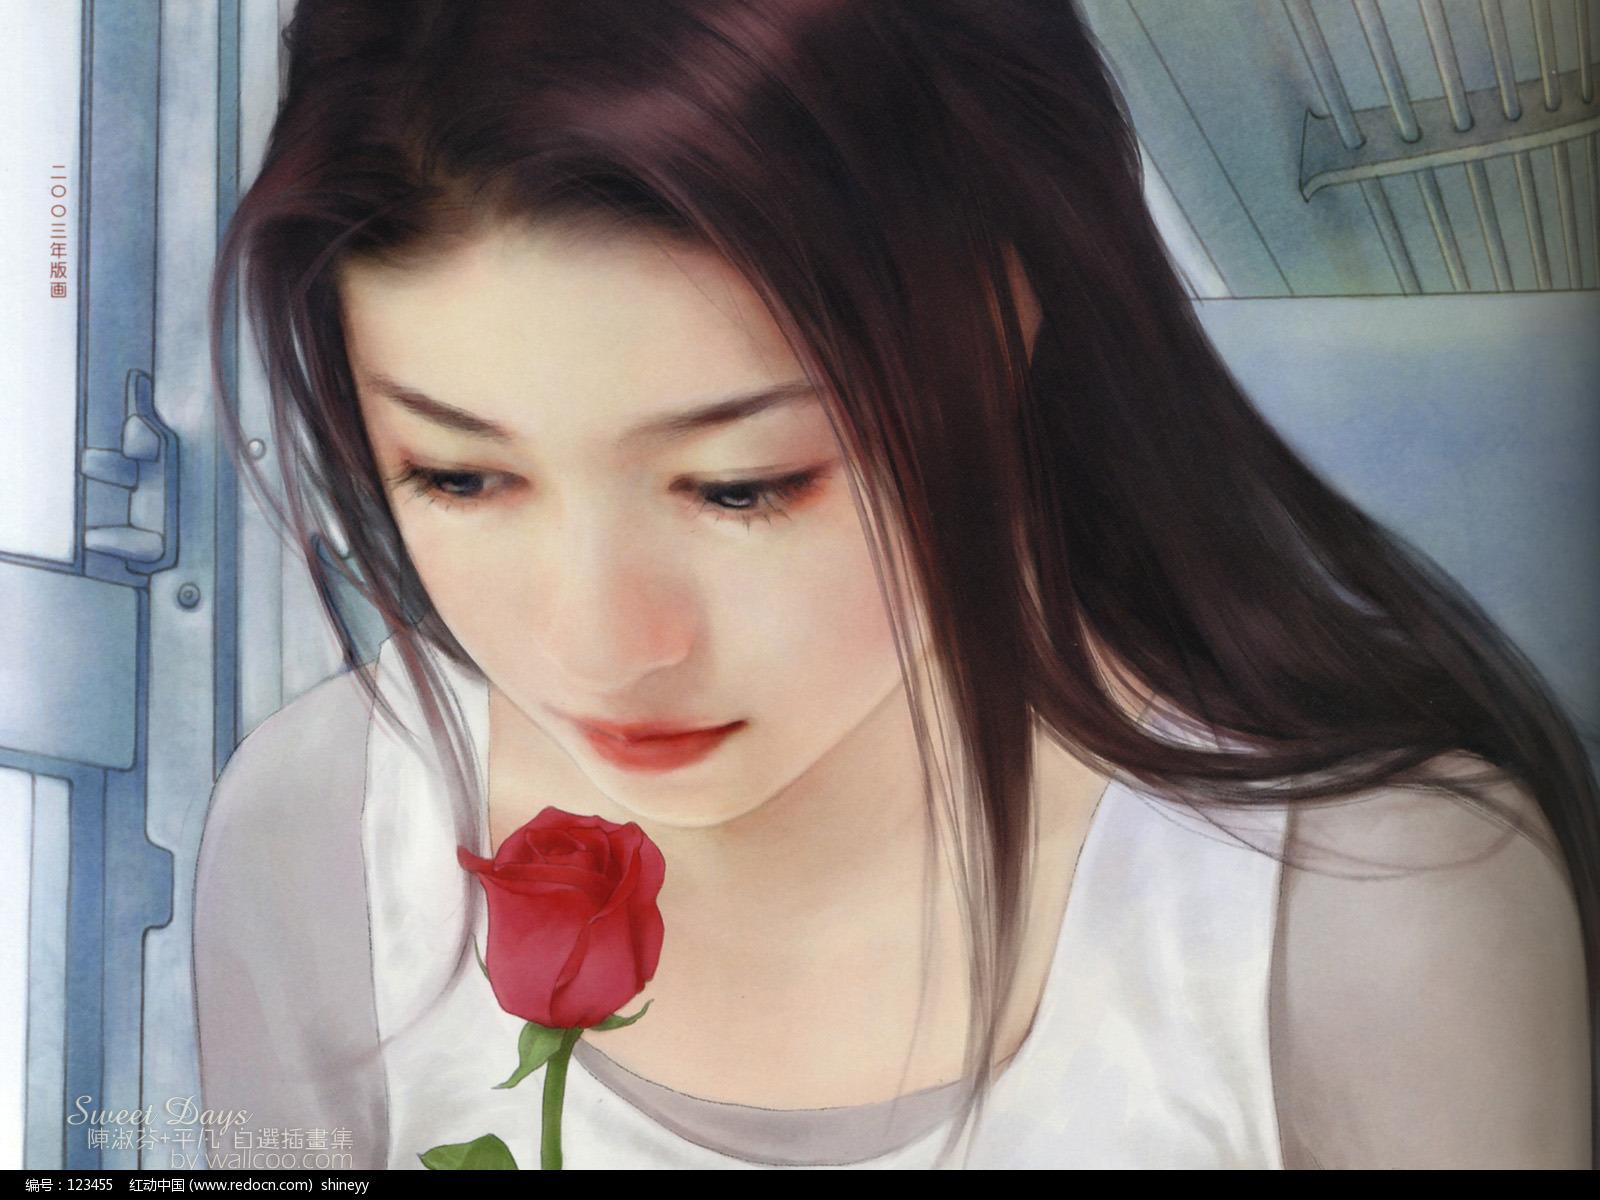 超写实手绘美女图片 插画设计 绘画欣赏